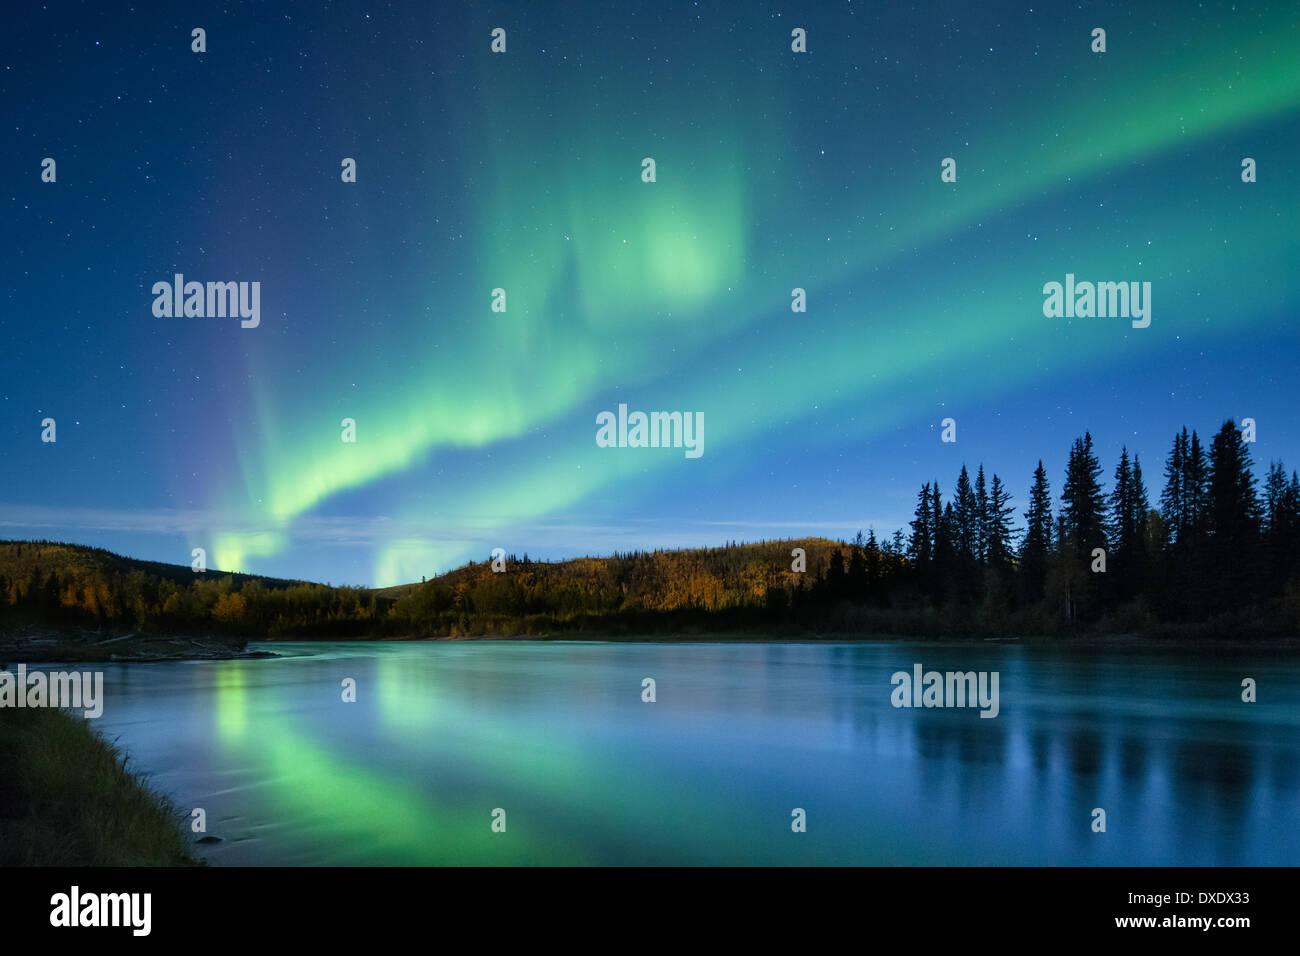 Les aurores boréales au cours de la rivière Klondike, Yukon, Canada Photo Stock